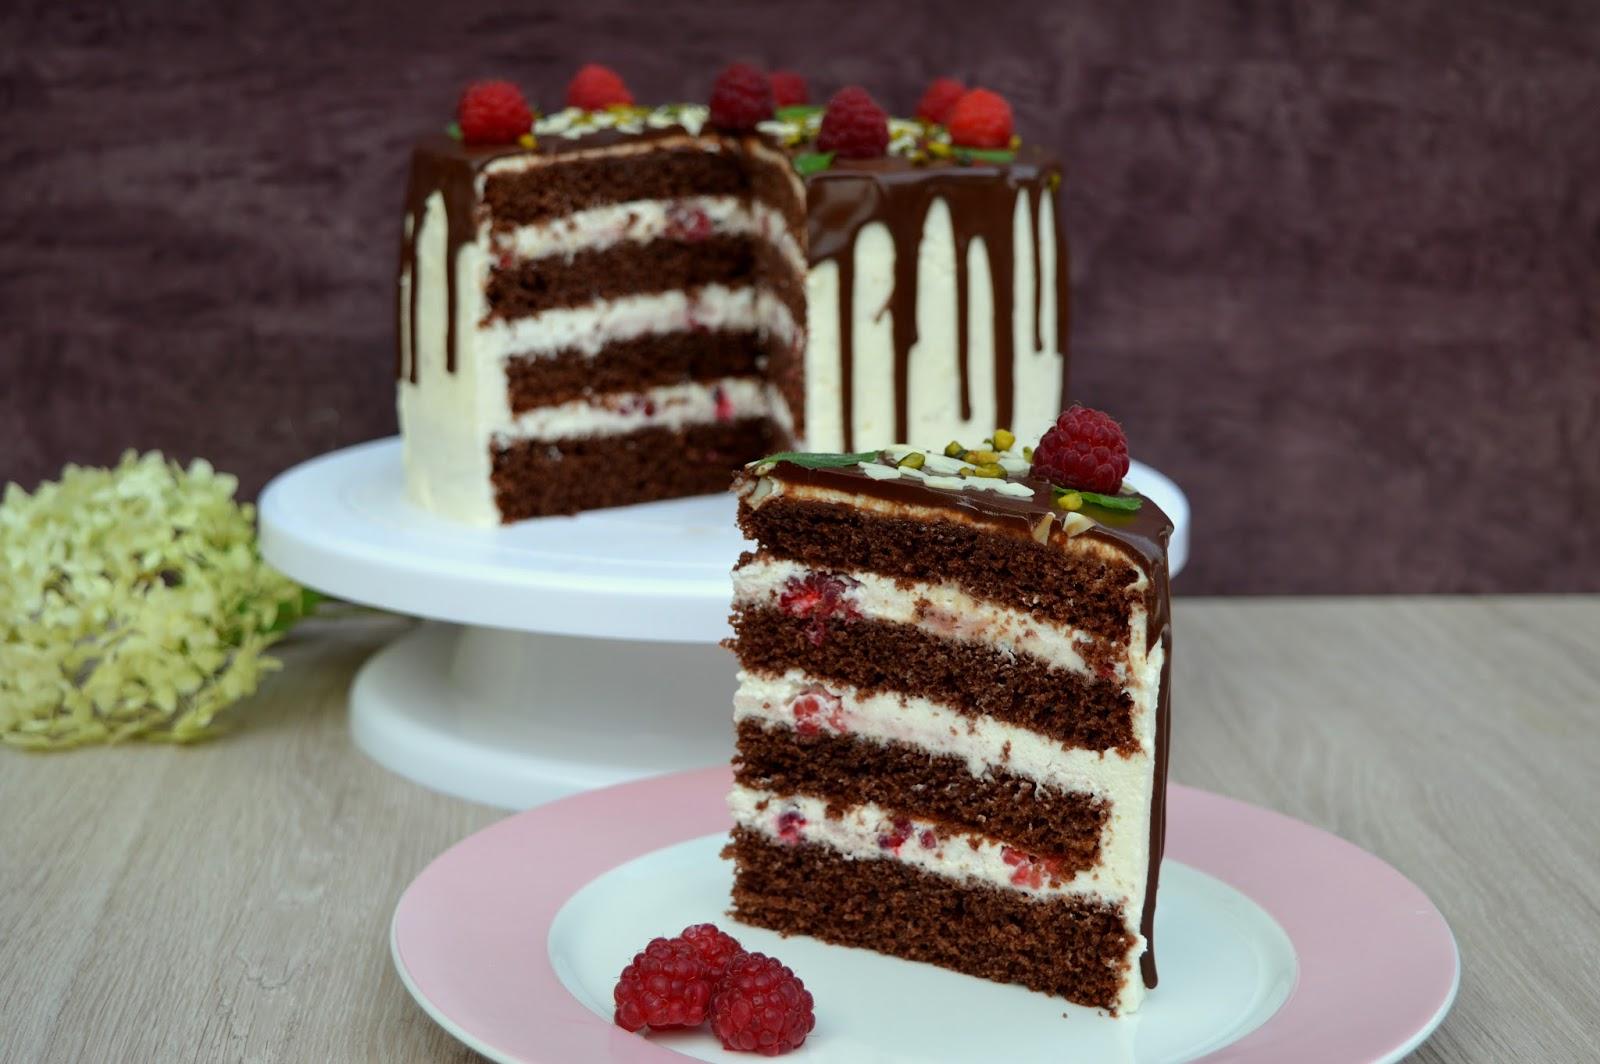 Julias zuckersusse kuchenwelt himbeer sahne torte for Küchenwelt